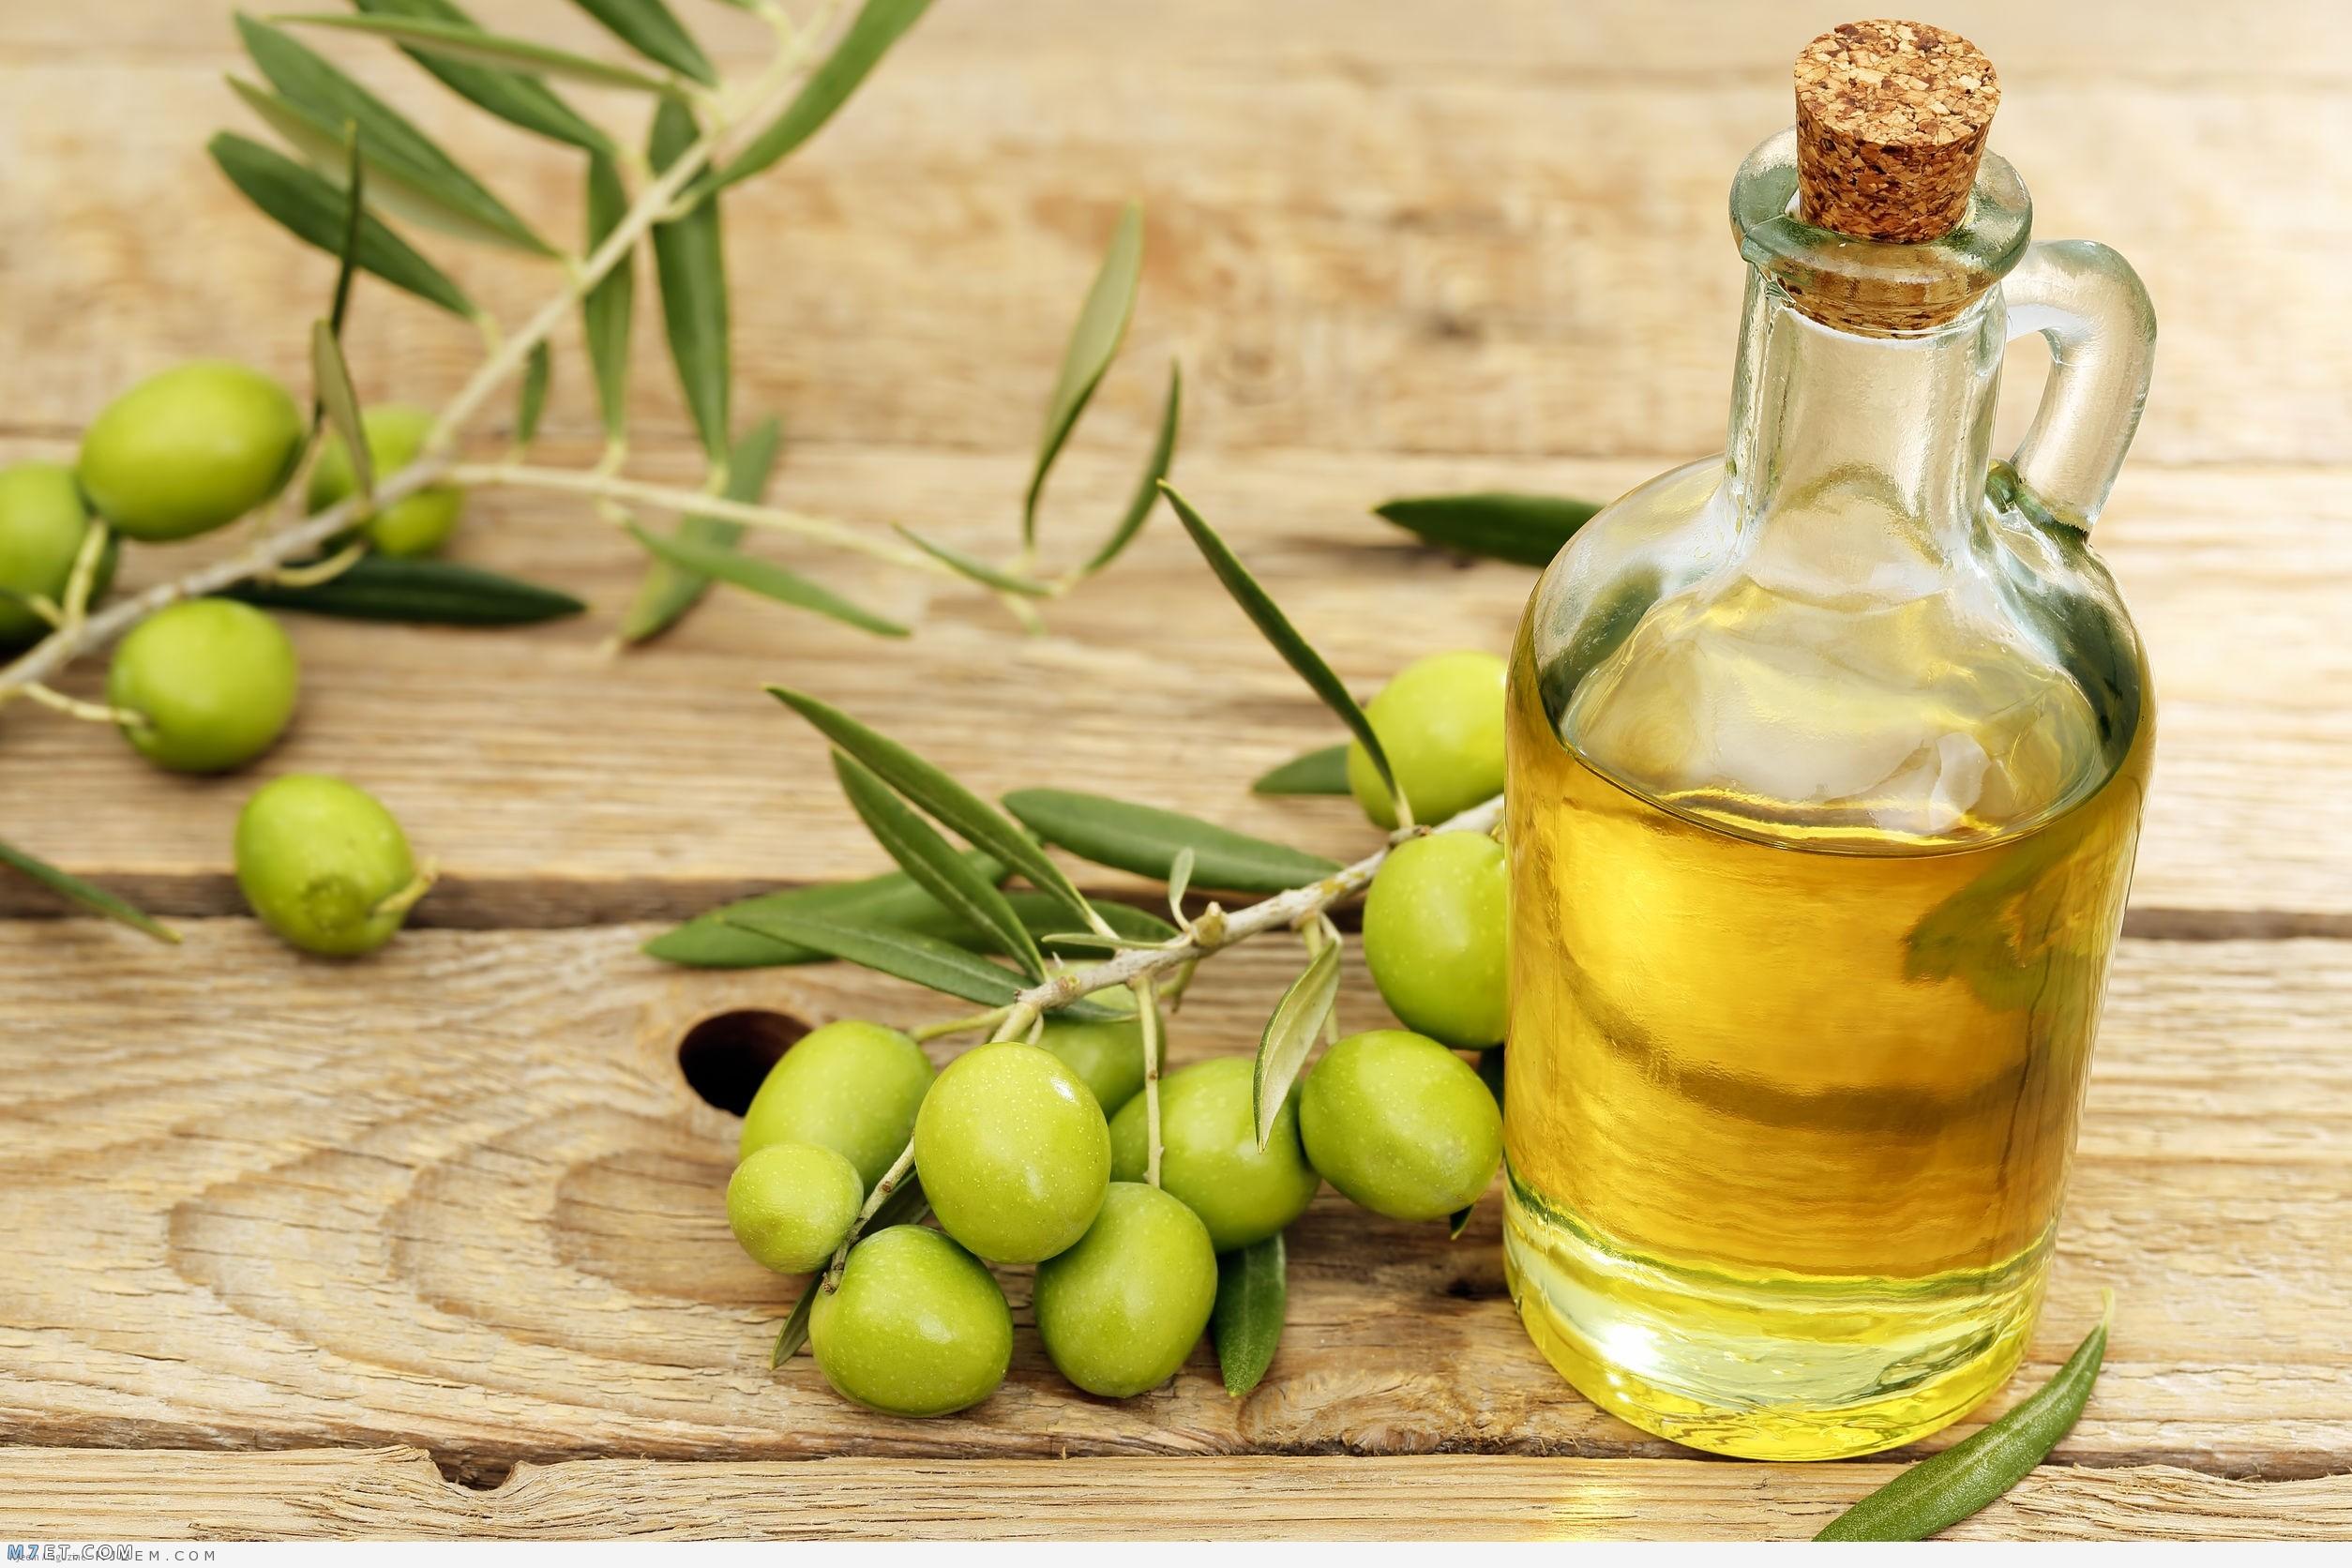 فوائد شرب زيت الزيتون للبشرة